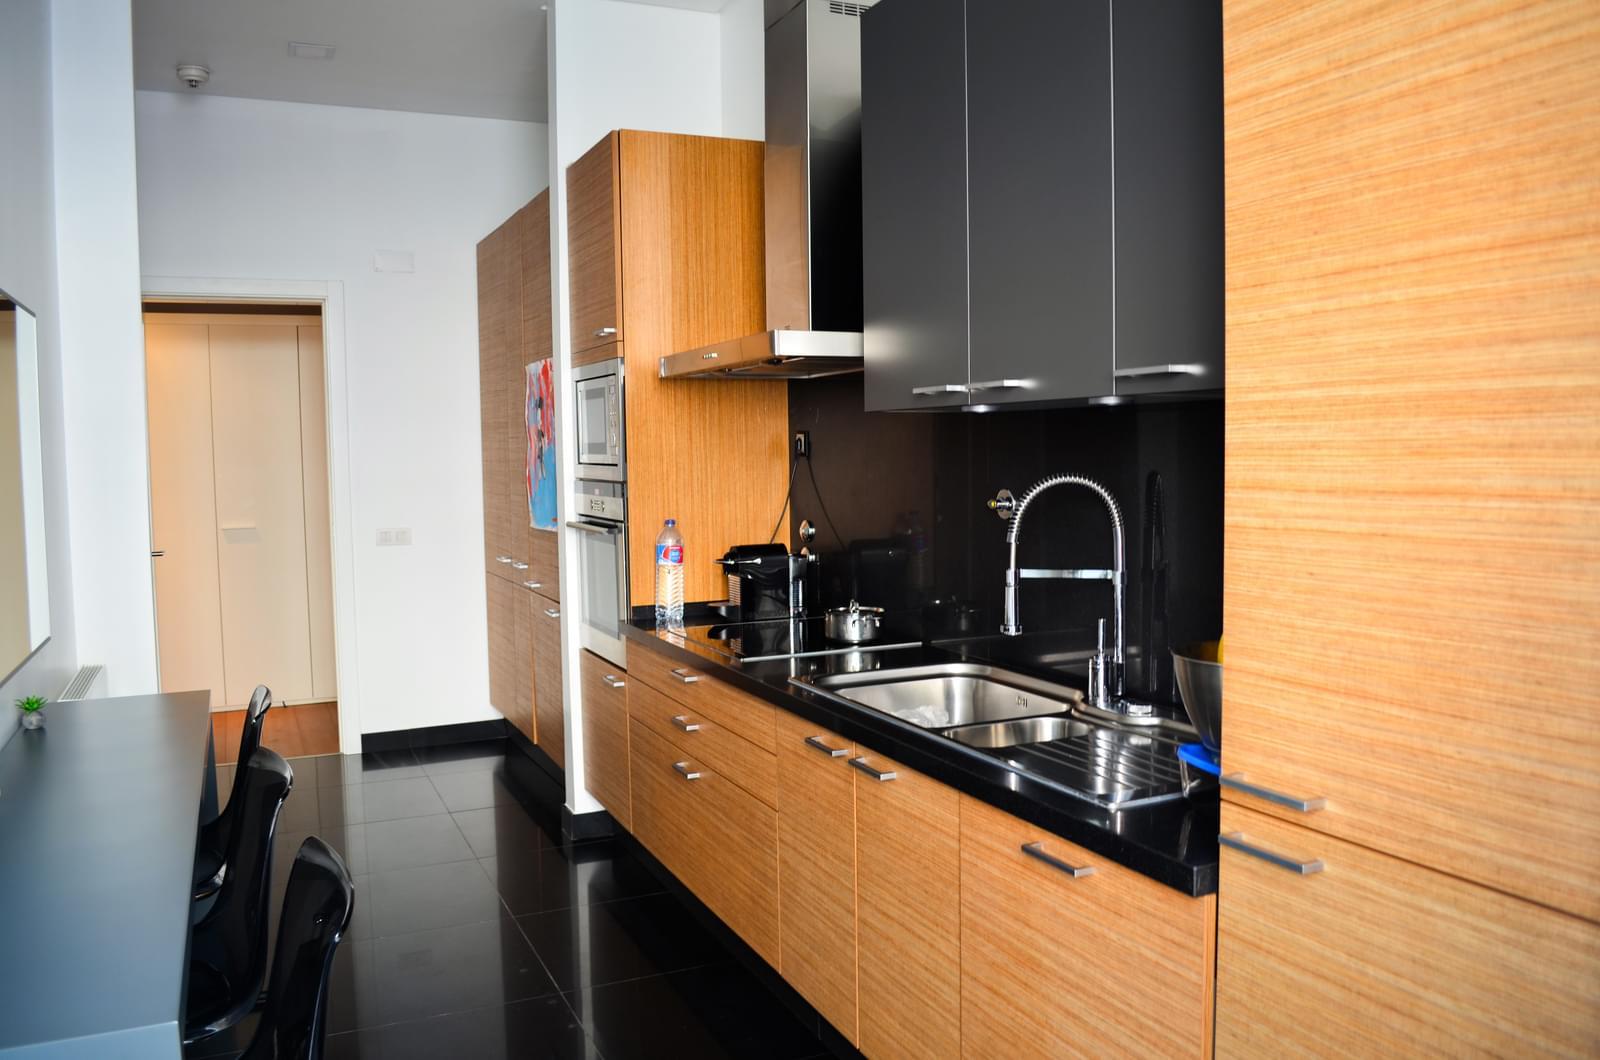 pf18712-apartamento-t2-lisboa-d06018c2-dd3e-4ee4-9d92-800f9f198190